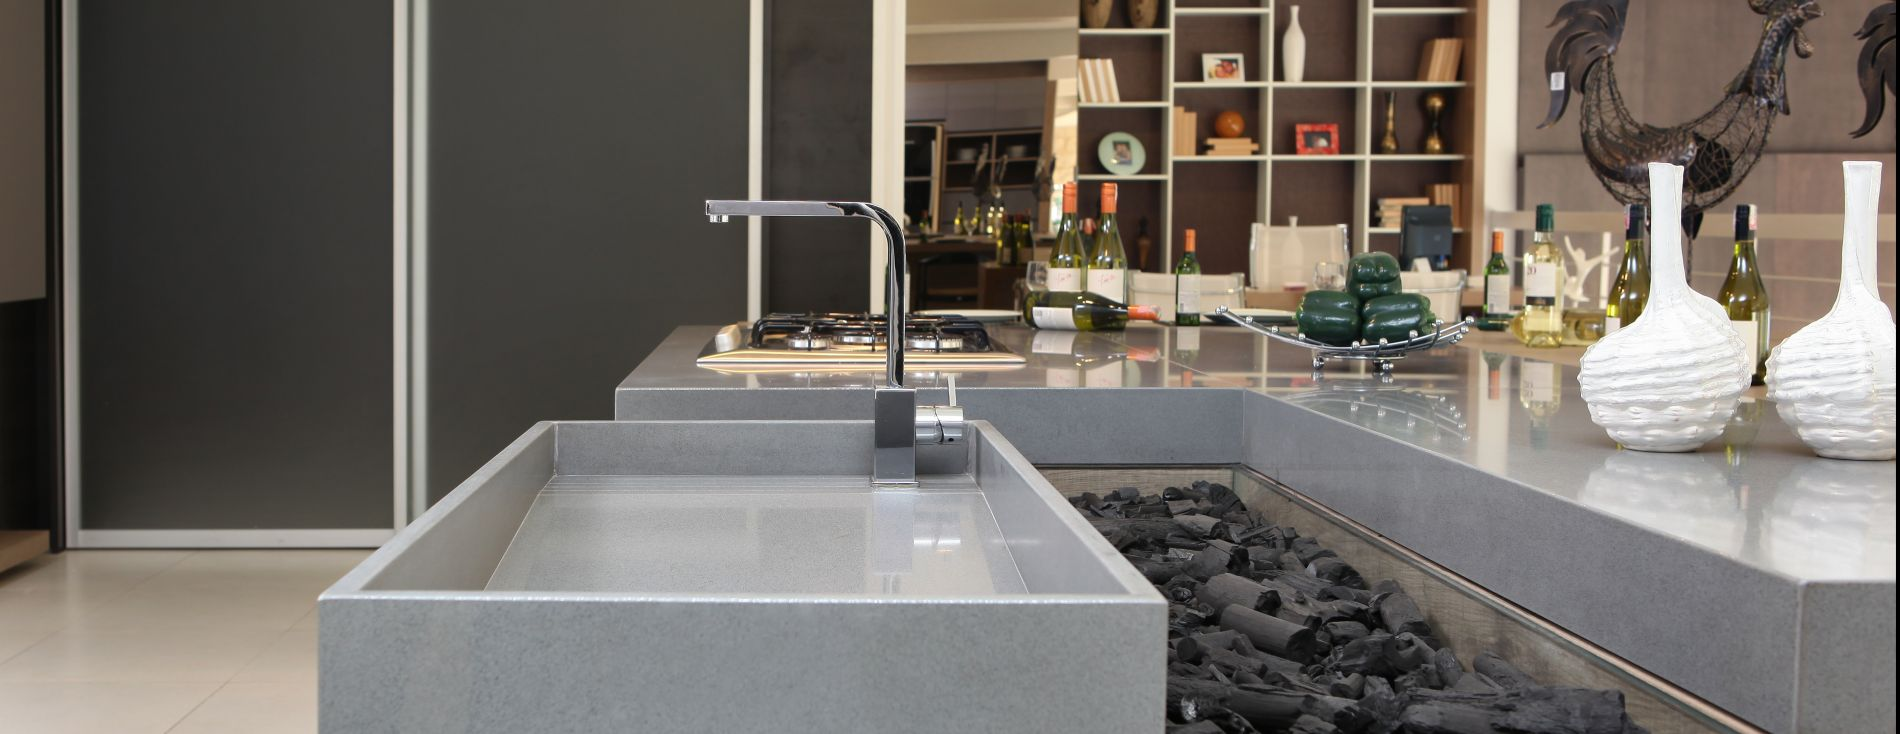 arbeitsplatten f r k che und bad corian konfektion hollweg d 26871 papenburg. Black Bedroom Furniture Sets. Home Design Ideas